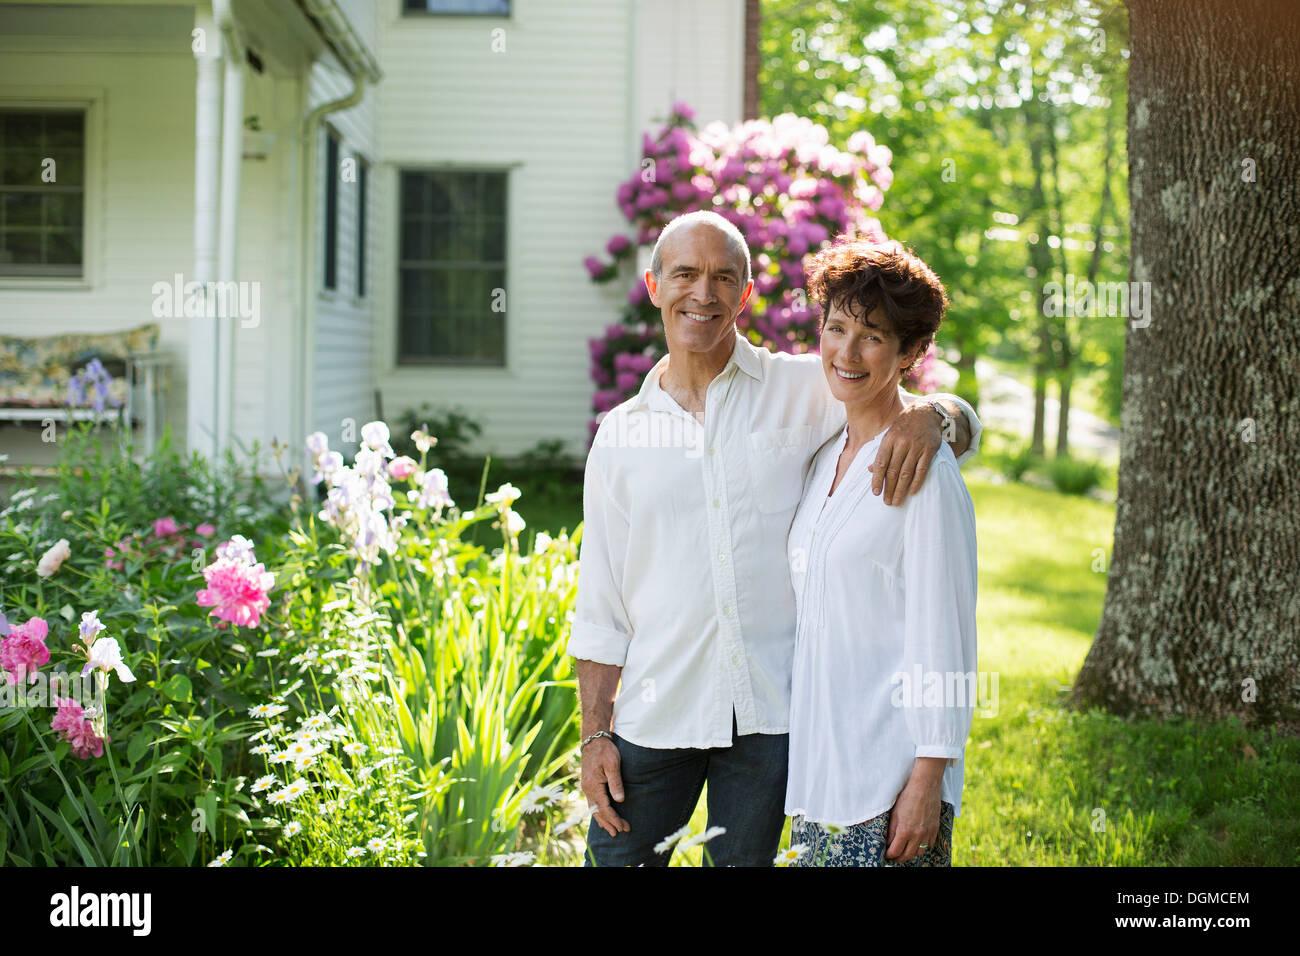 Granja orgánica. Fiesta de verano. Una pareja madura en camisetas blancas juntos entre las flores. Imagen De Stock